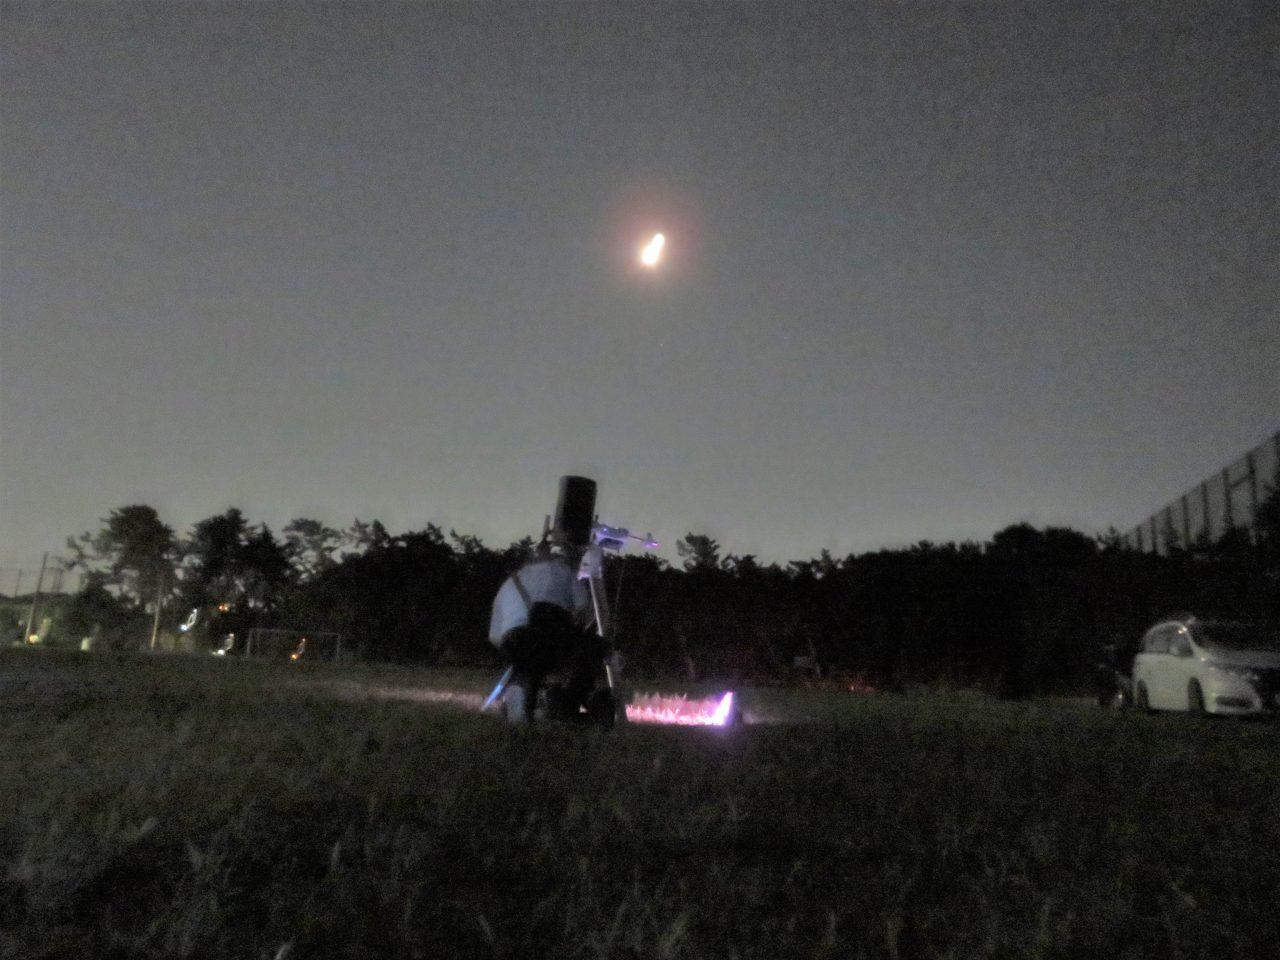 写真1:天体望遠鏡を使って星空を観察しよう